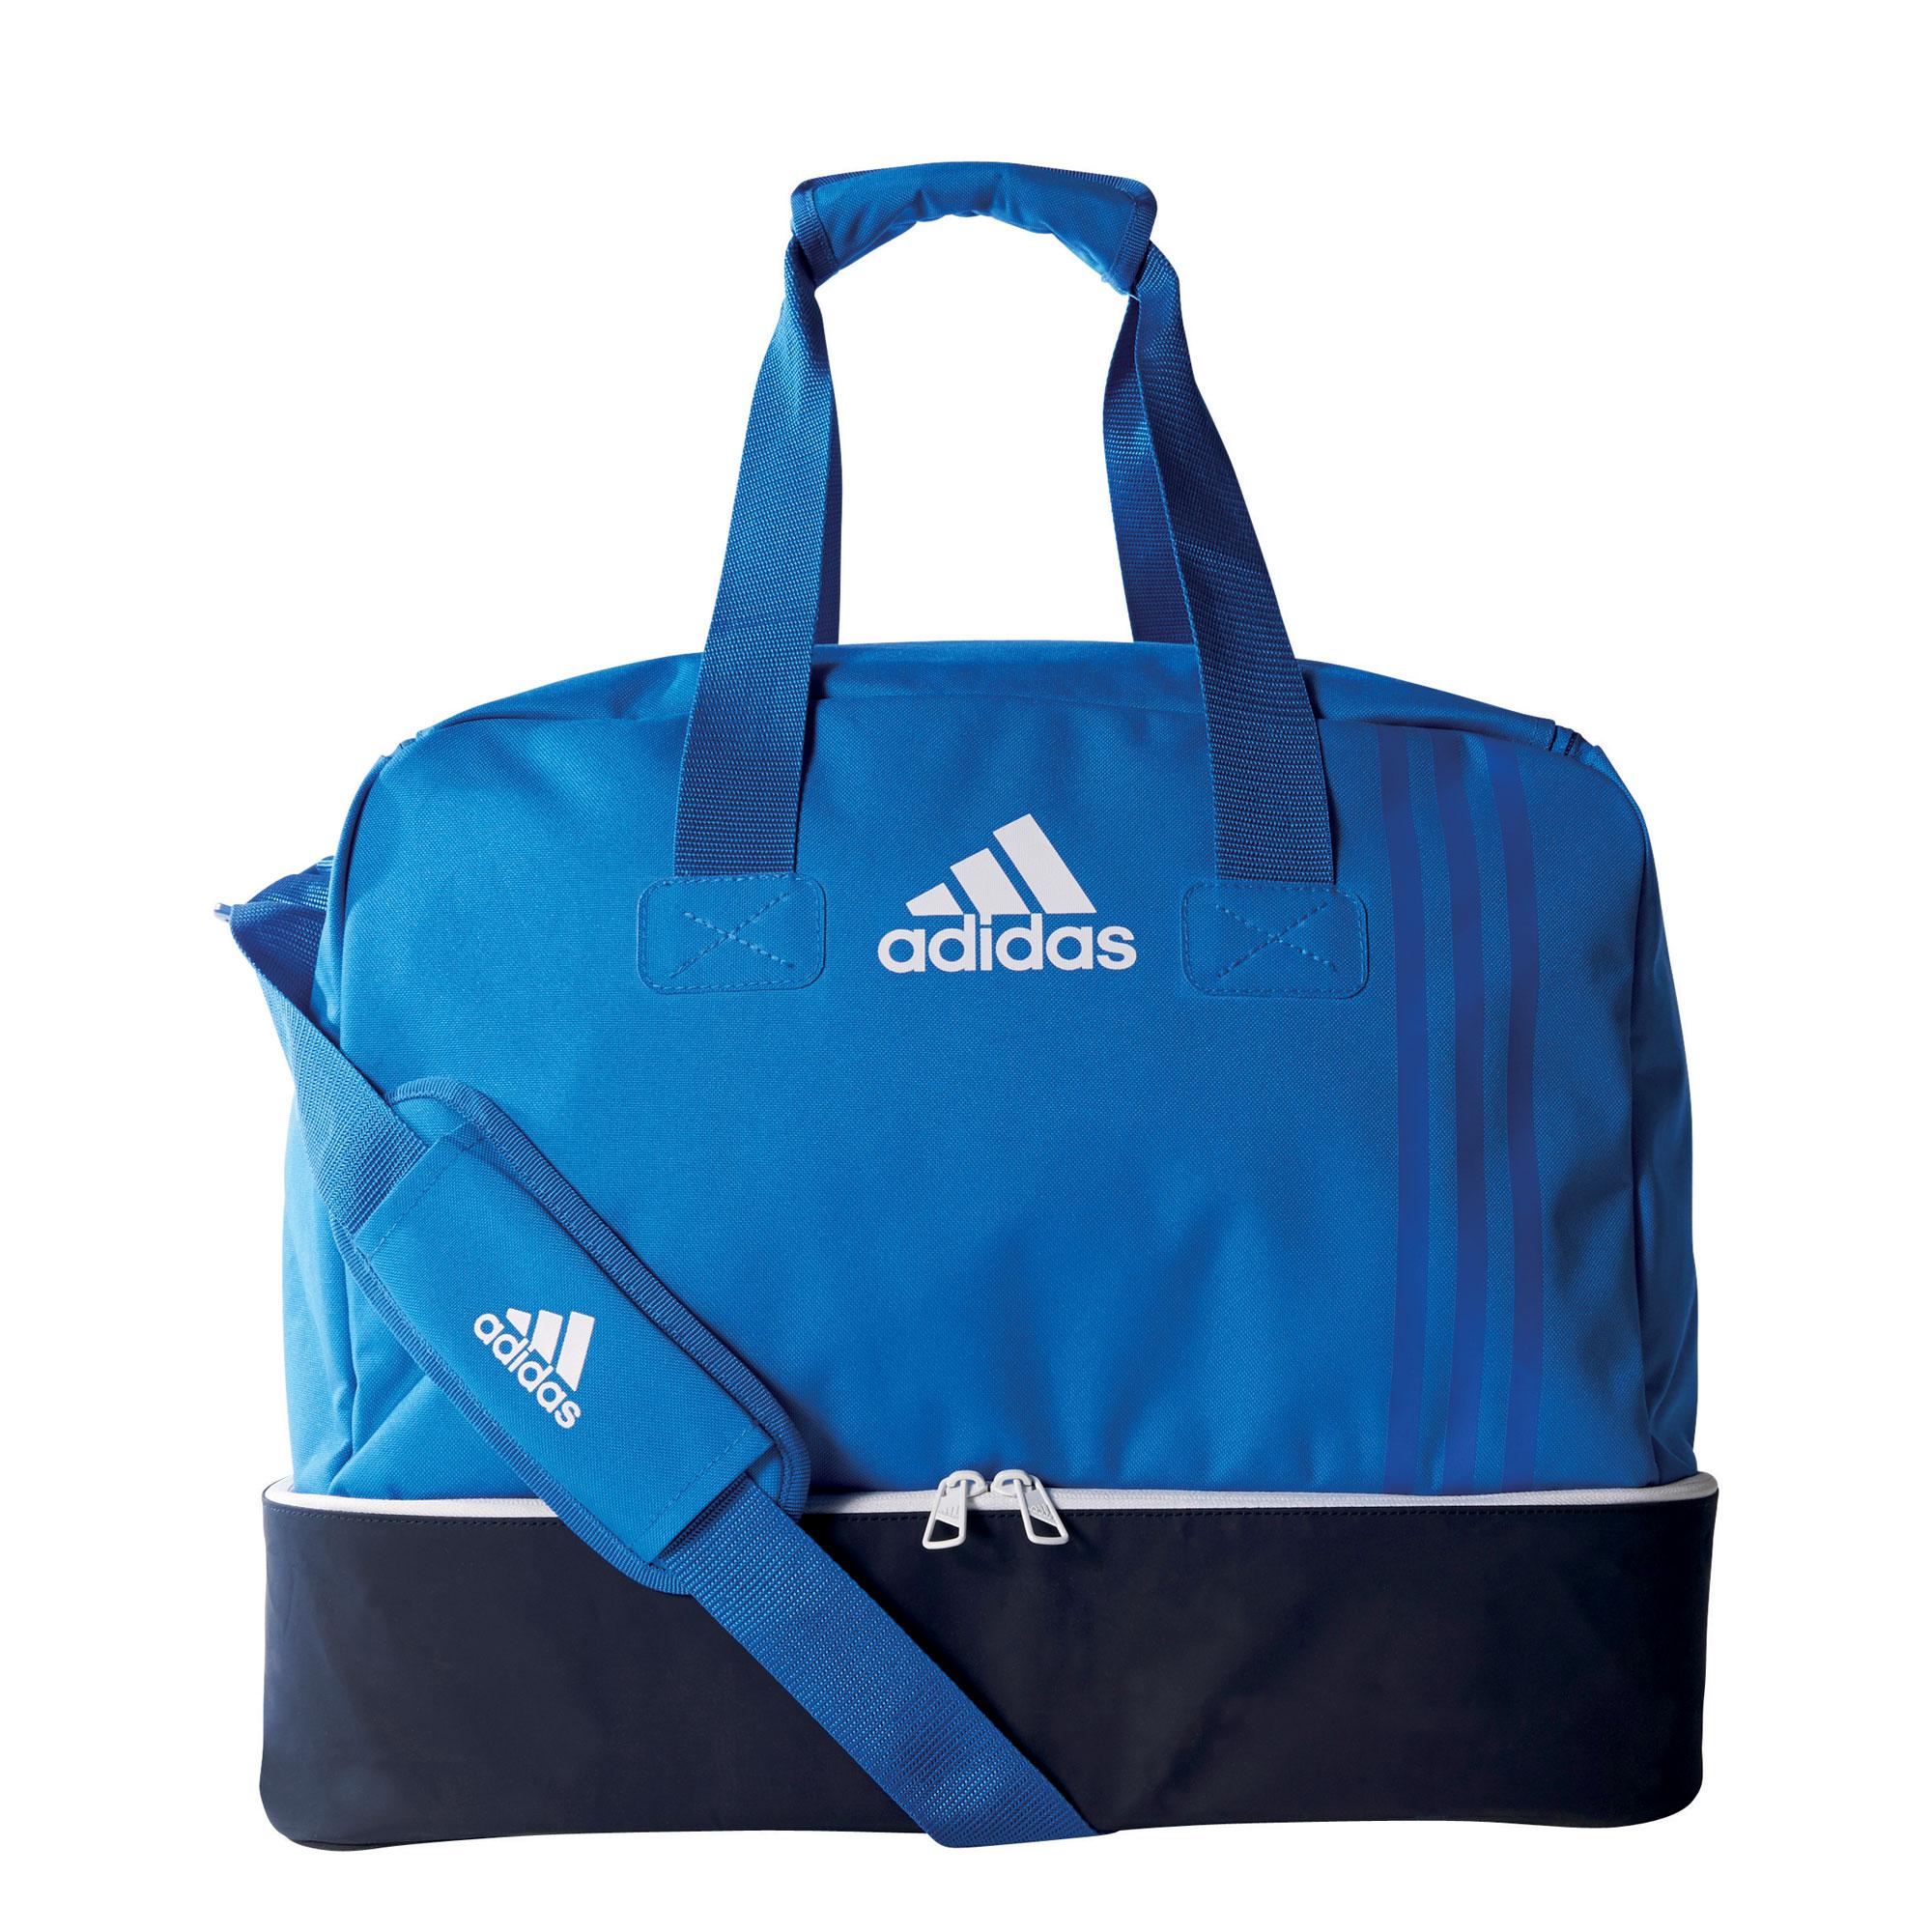 adidas Sporttasche Teambag mit Bodenfach Tiro 17 BS4750 S